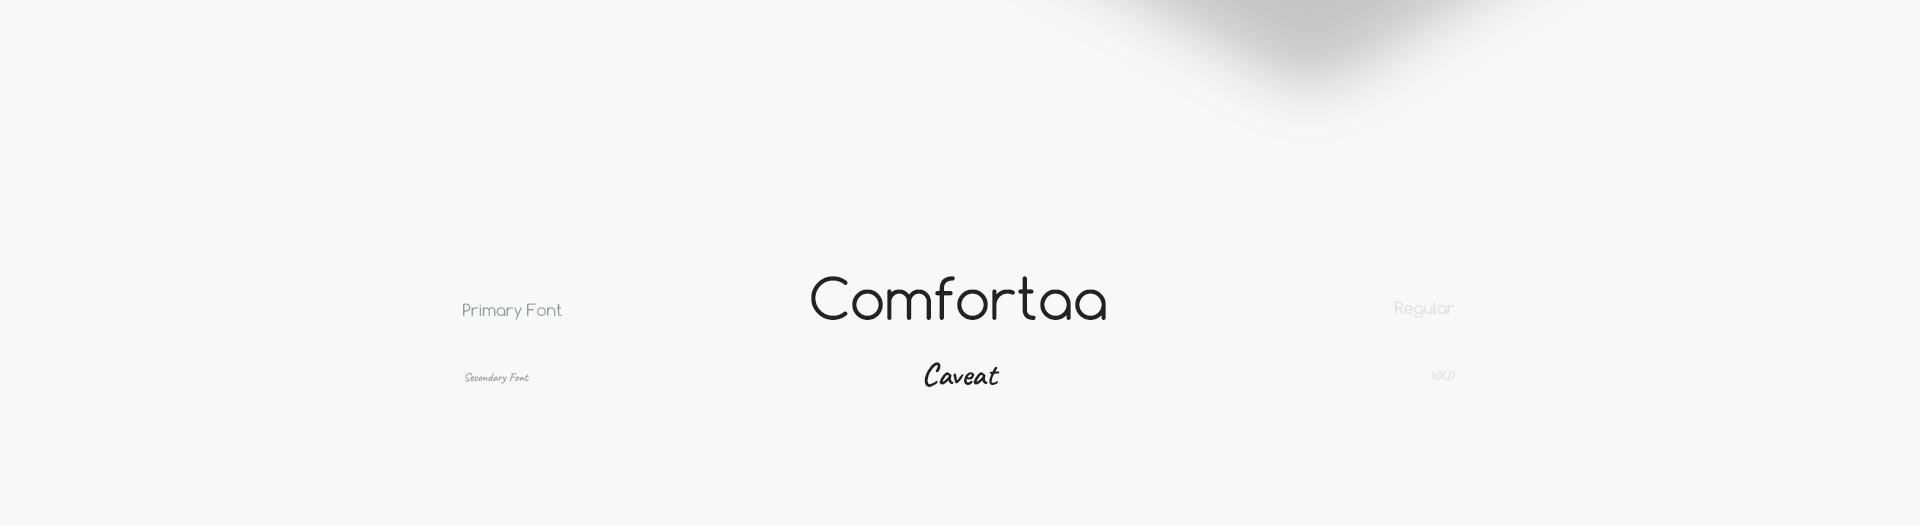 comforta to font użyty w stronie danmis